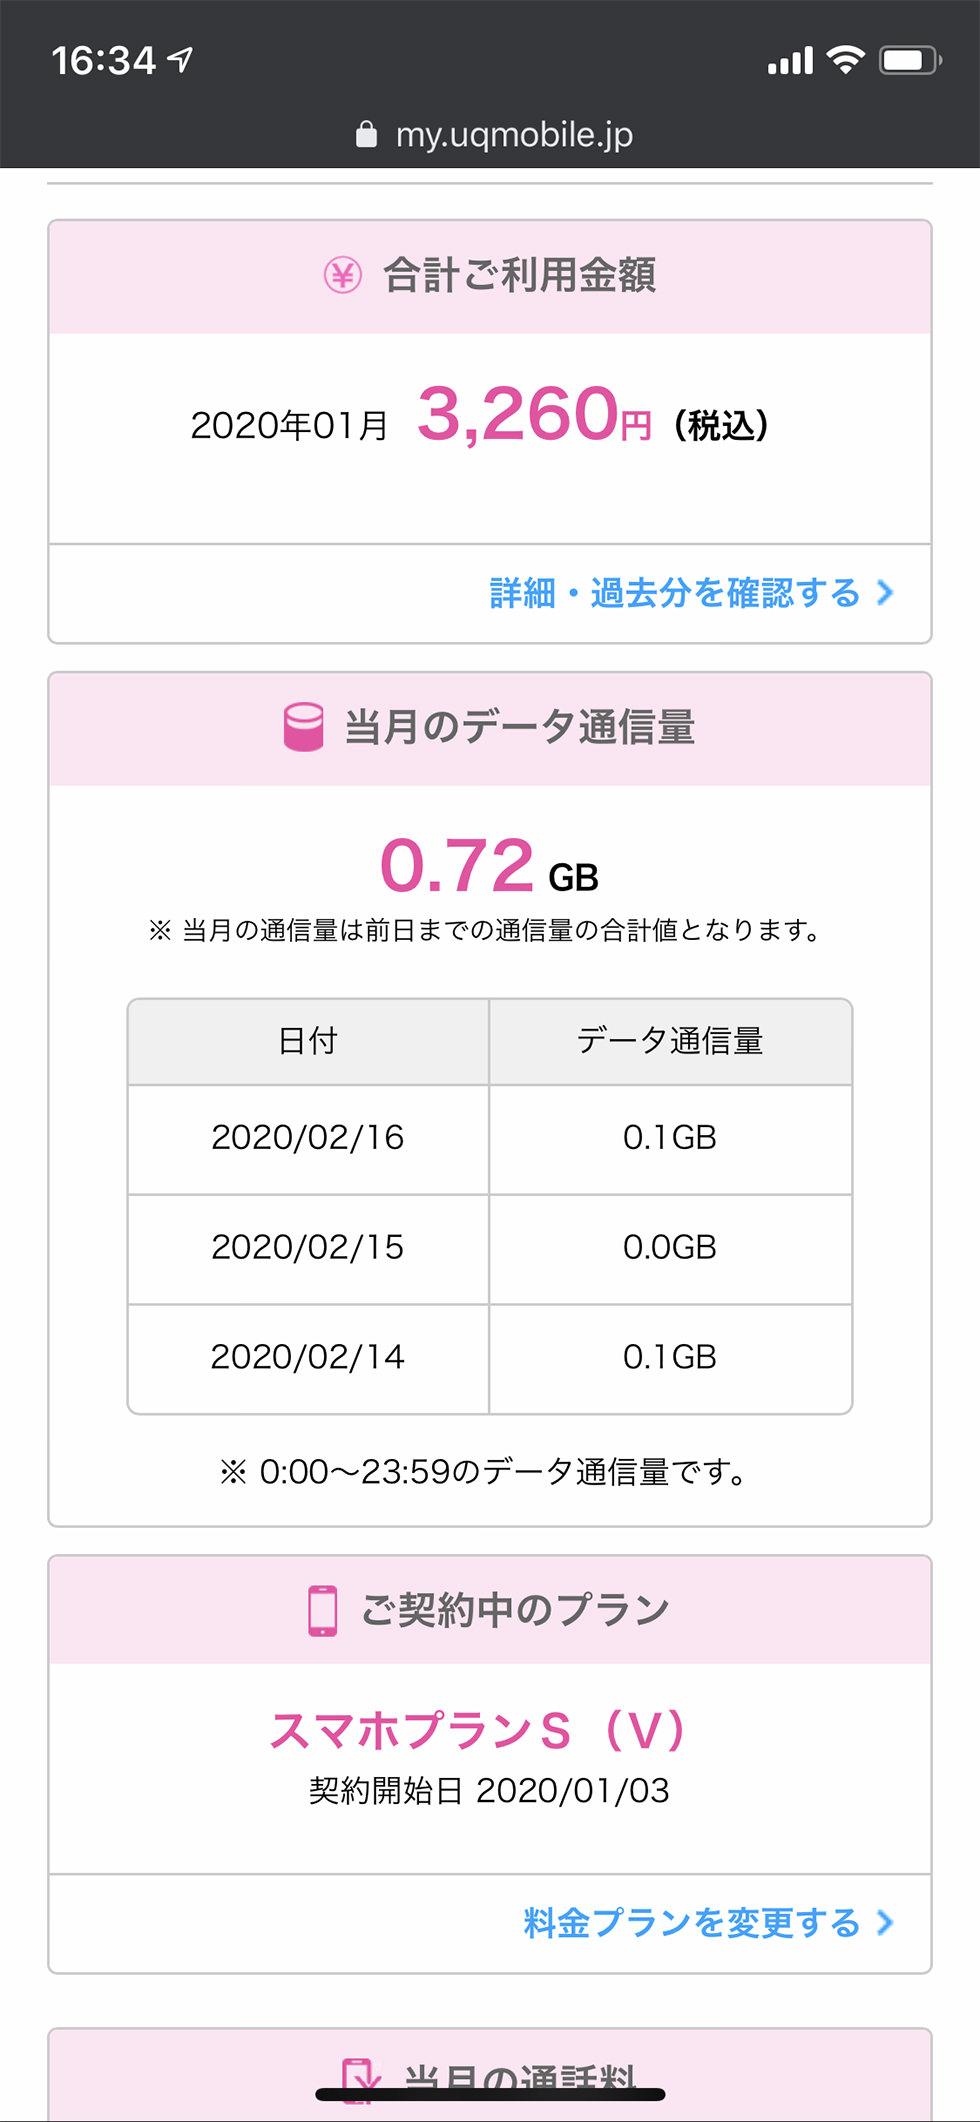 UQモバイル月額利用料金の結果